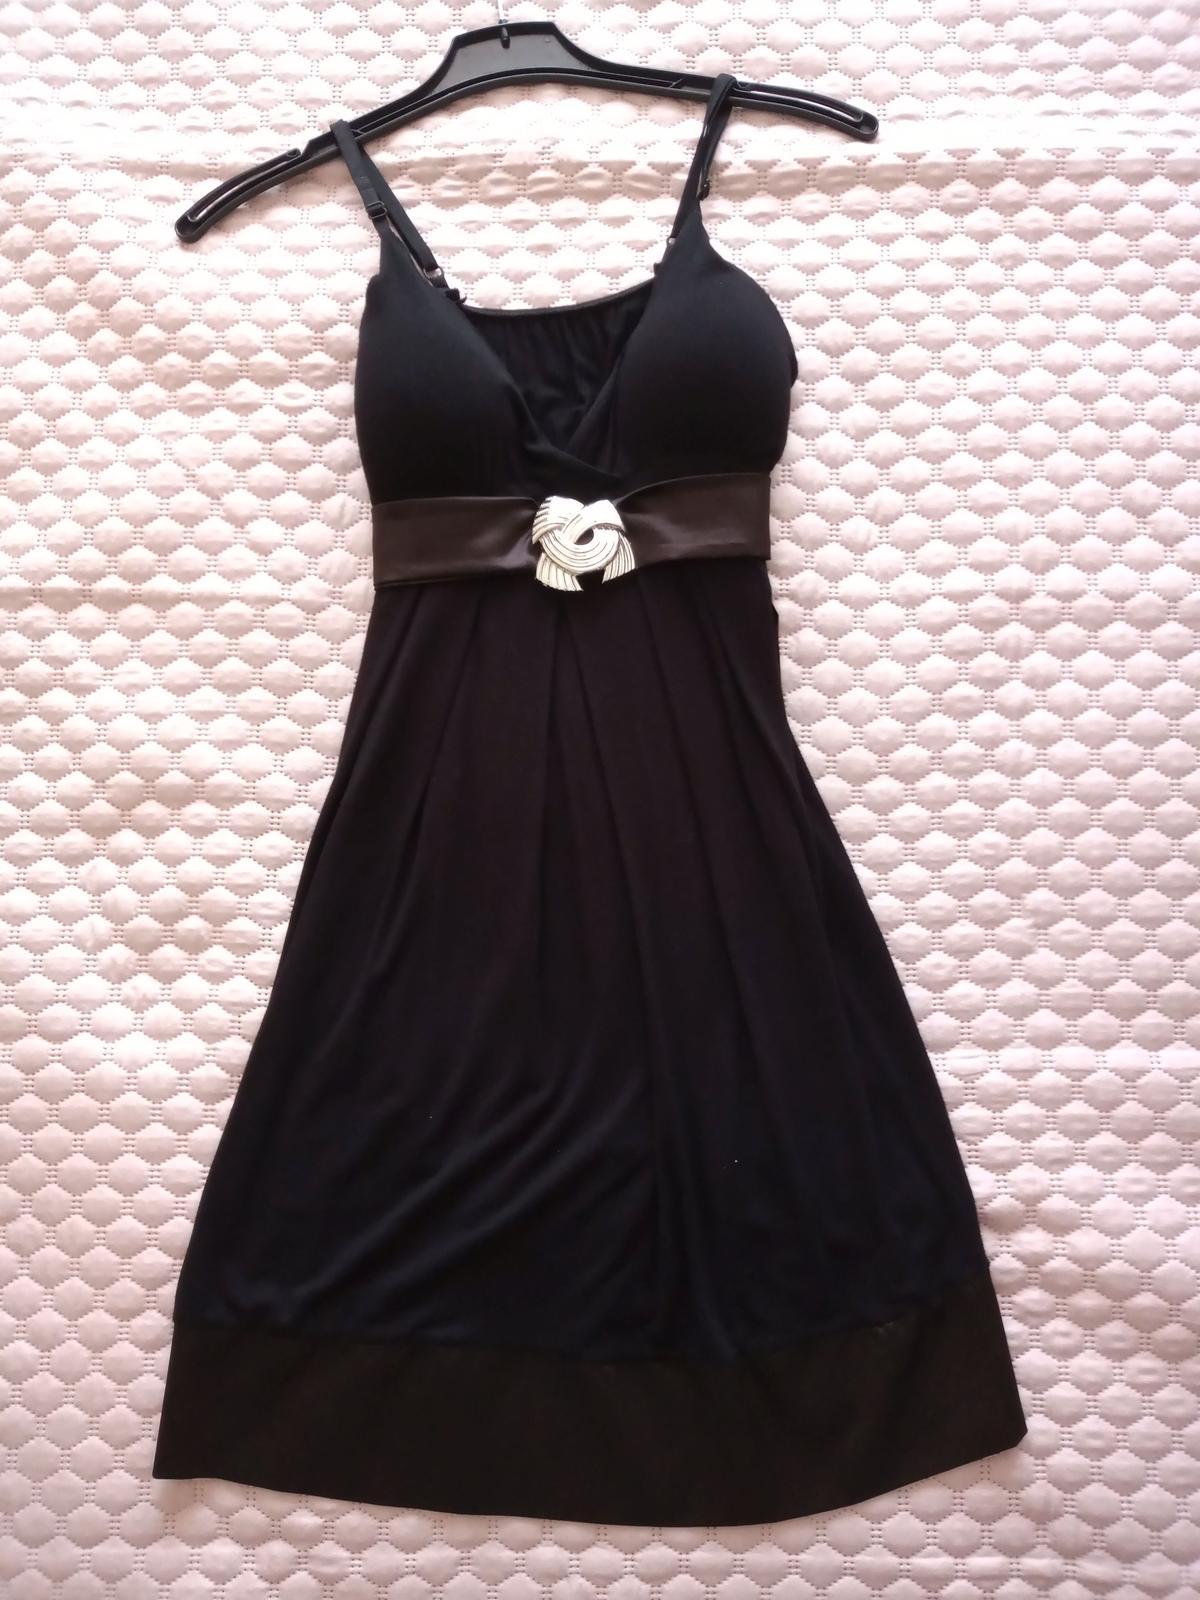 Čierne šaty veľ. S - Obrázok č. 1